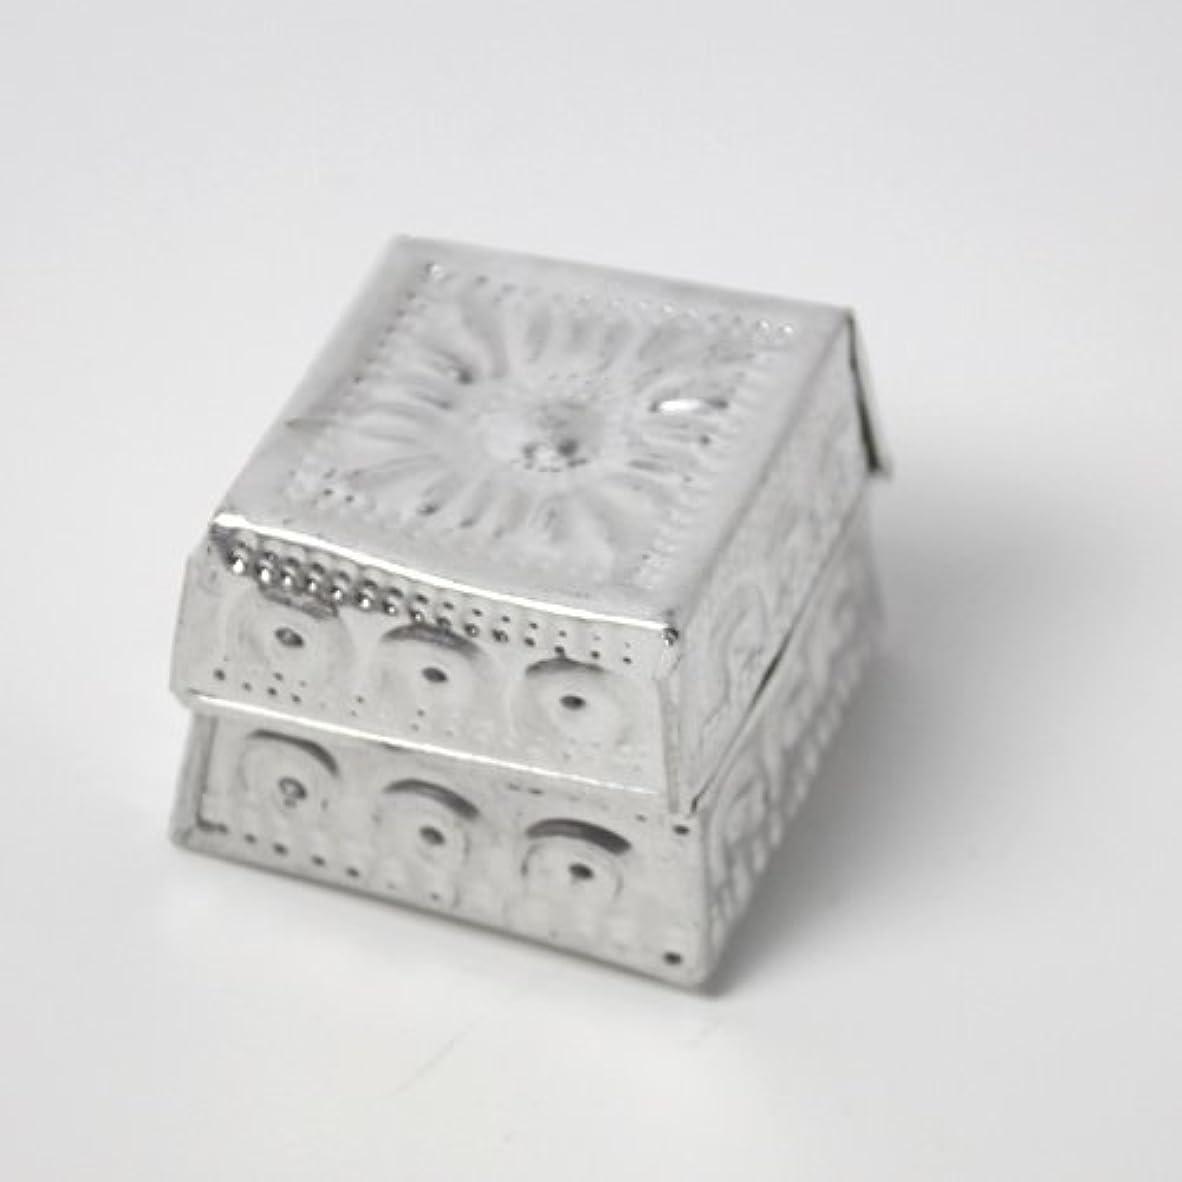 禁輸簡潔なマエストロアルミアートのボックスにはいったアロマキャンドル?四角